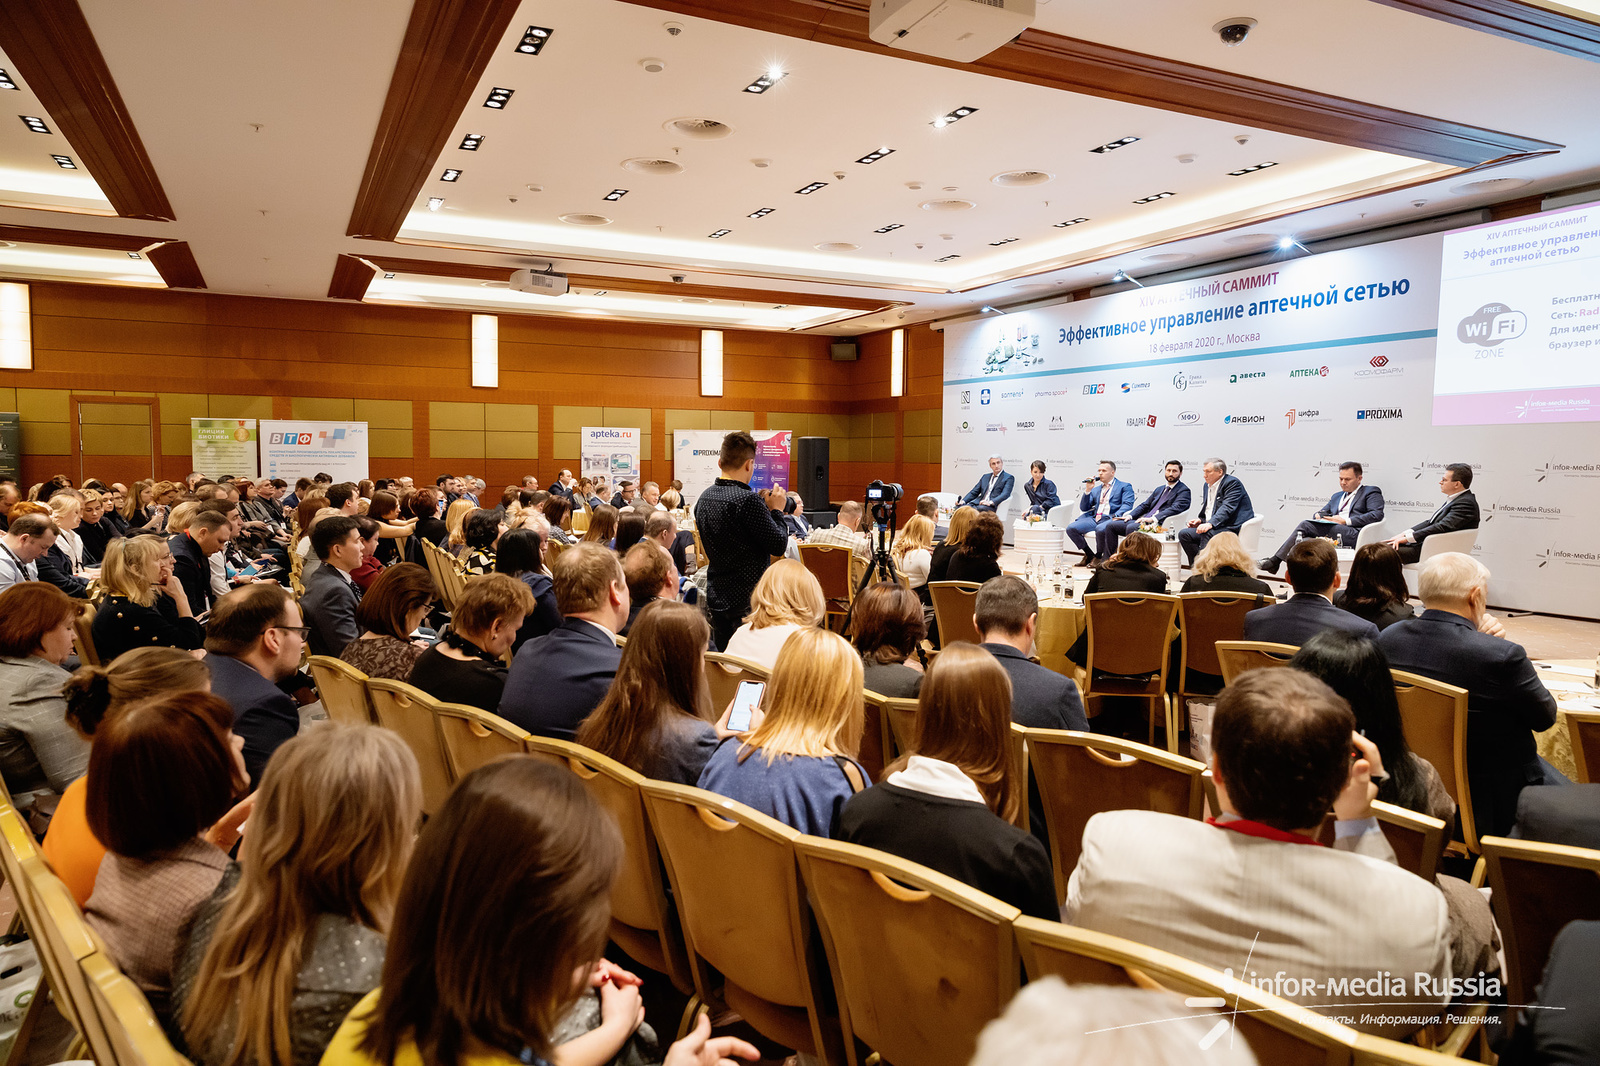 АНОНС:  XVI Аптечный  саммит «Эффективное управление аптечной сетью»